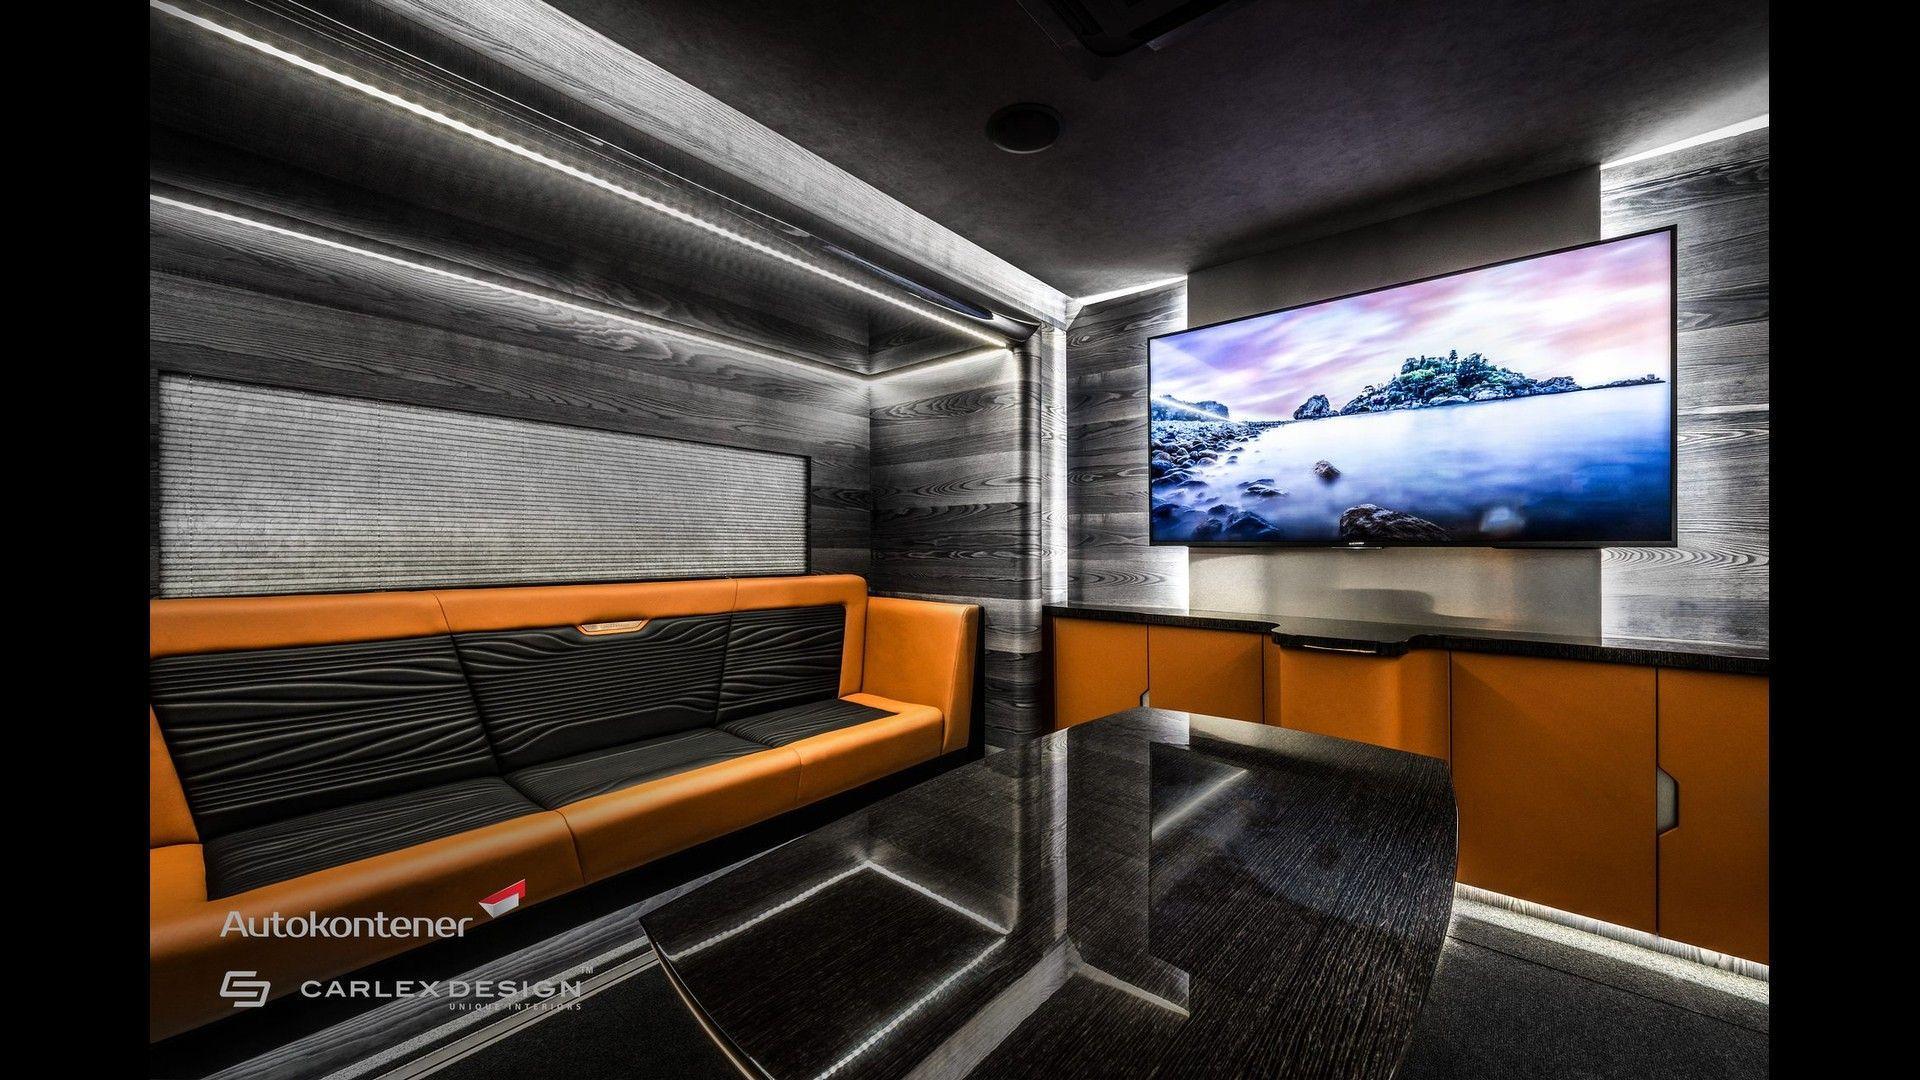 Carlex_Design_trailer_11